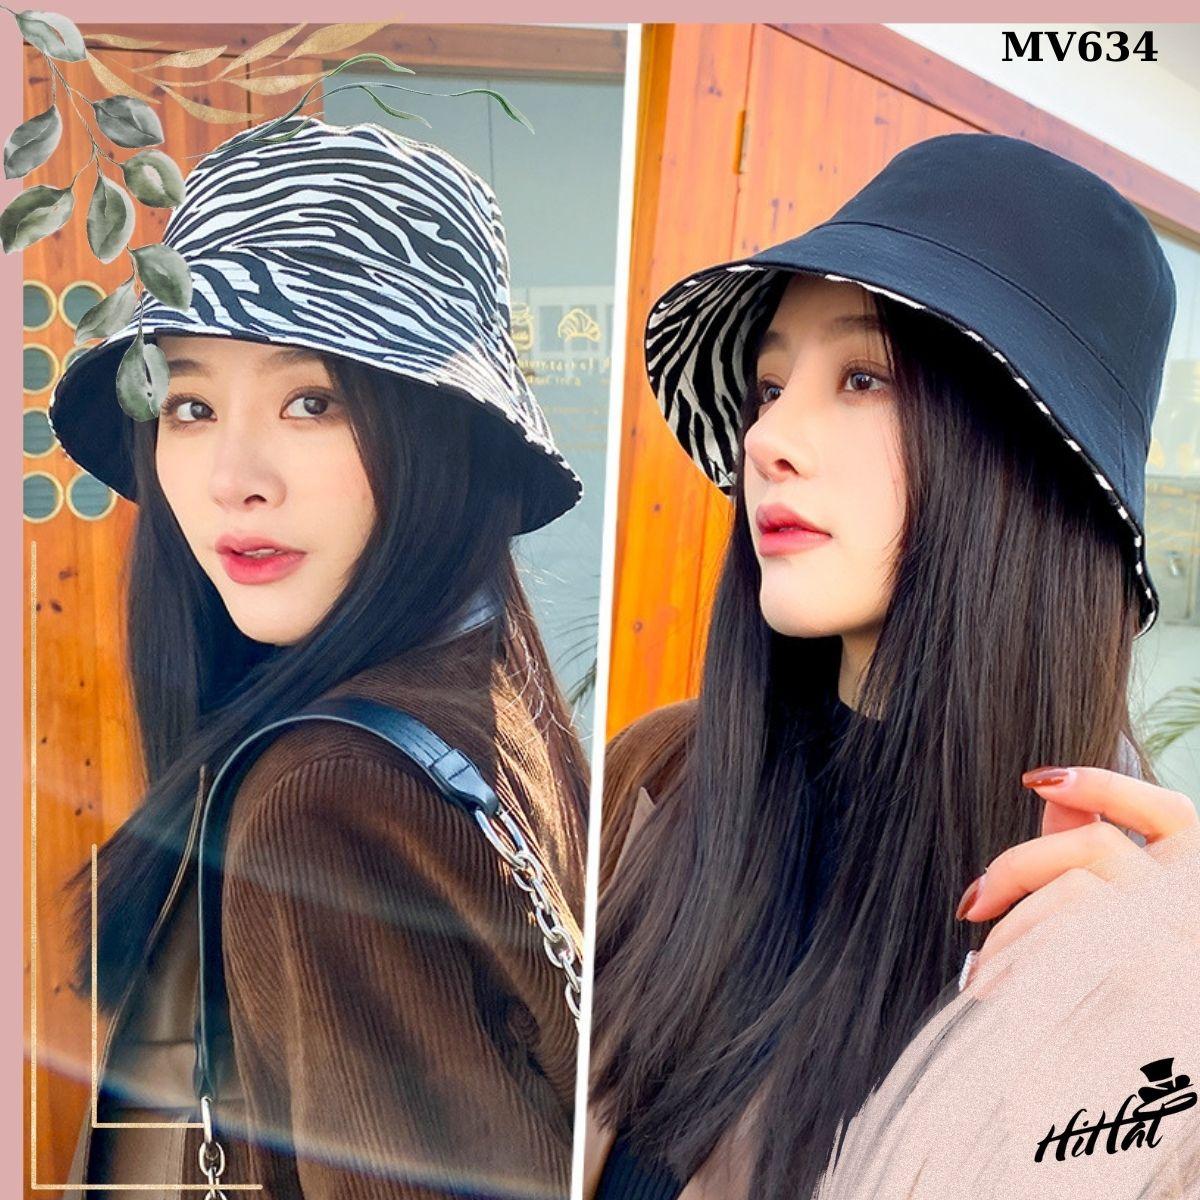 Mũ vành nữ thời trang, nón vành rộng họa tiết sọc 2 mặt tiện lợi